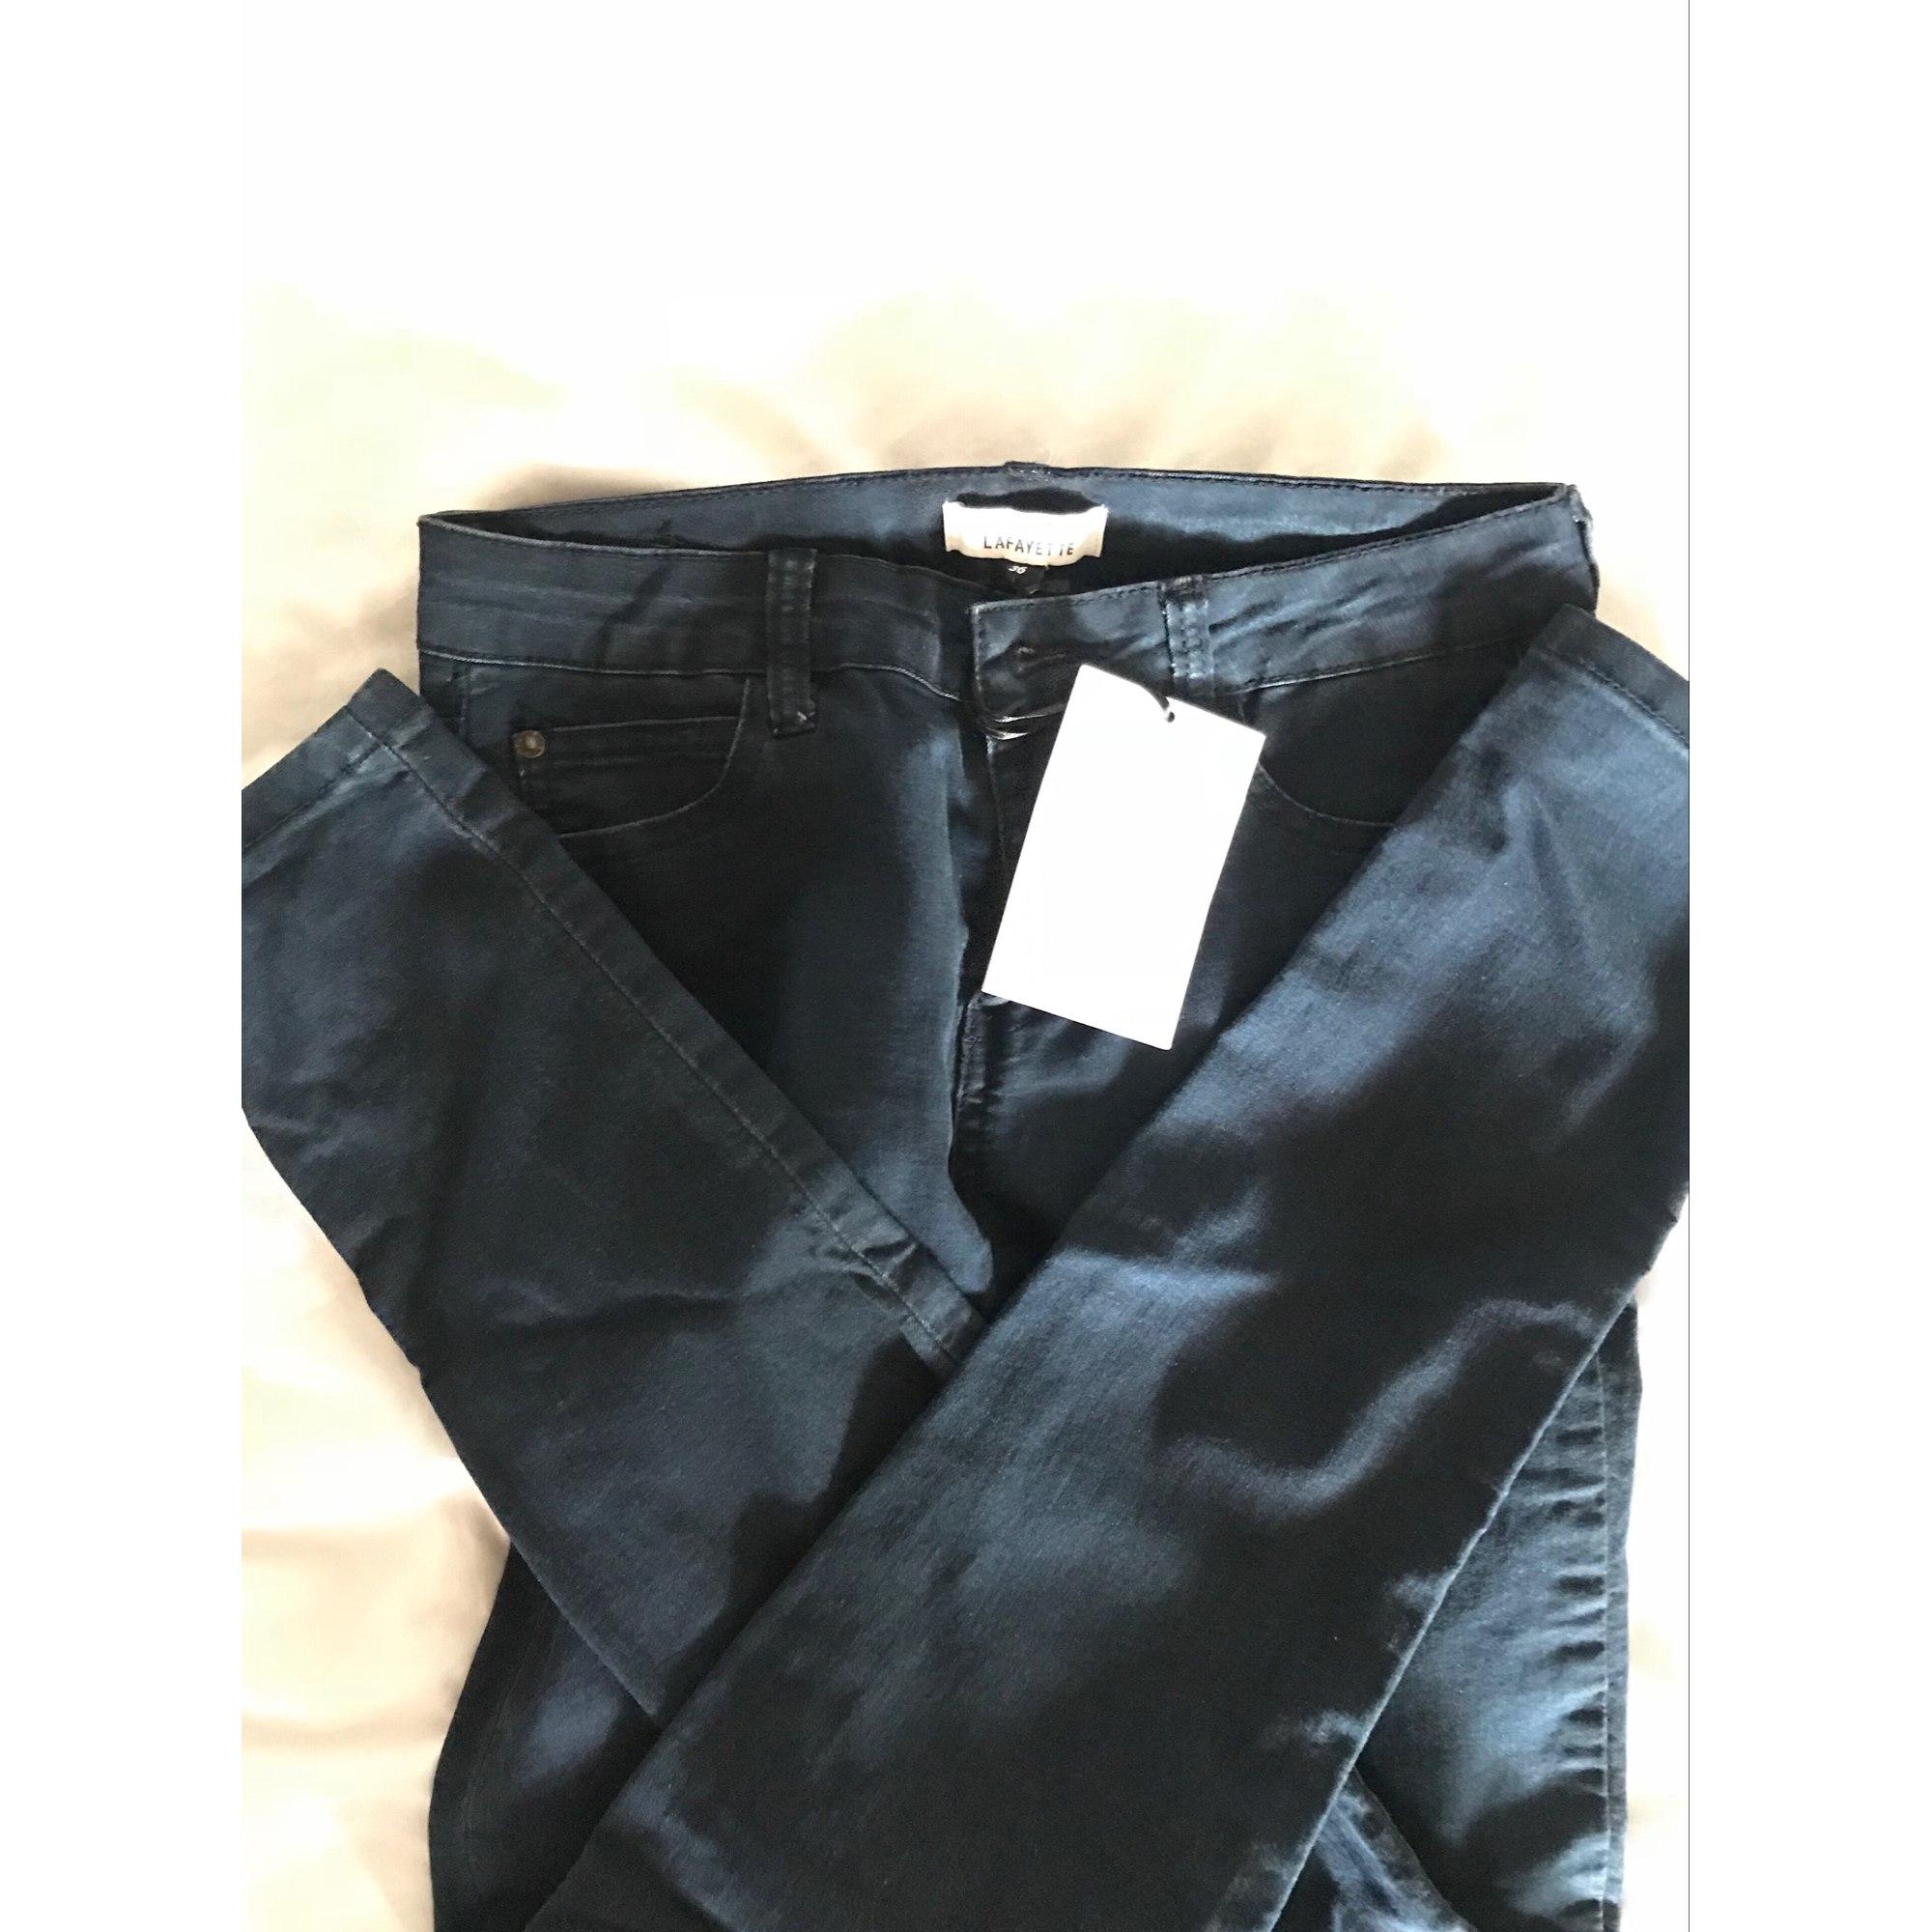 Slim Lafayette Jeans Jeans Jeans Galeries Lafayette Lafayette Slim Galeries Galeries Jeans Slim tQdxshBoCr